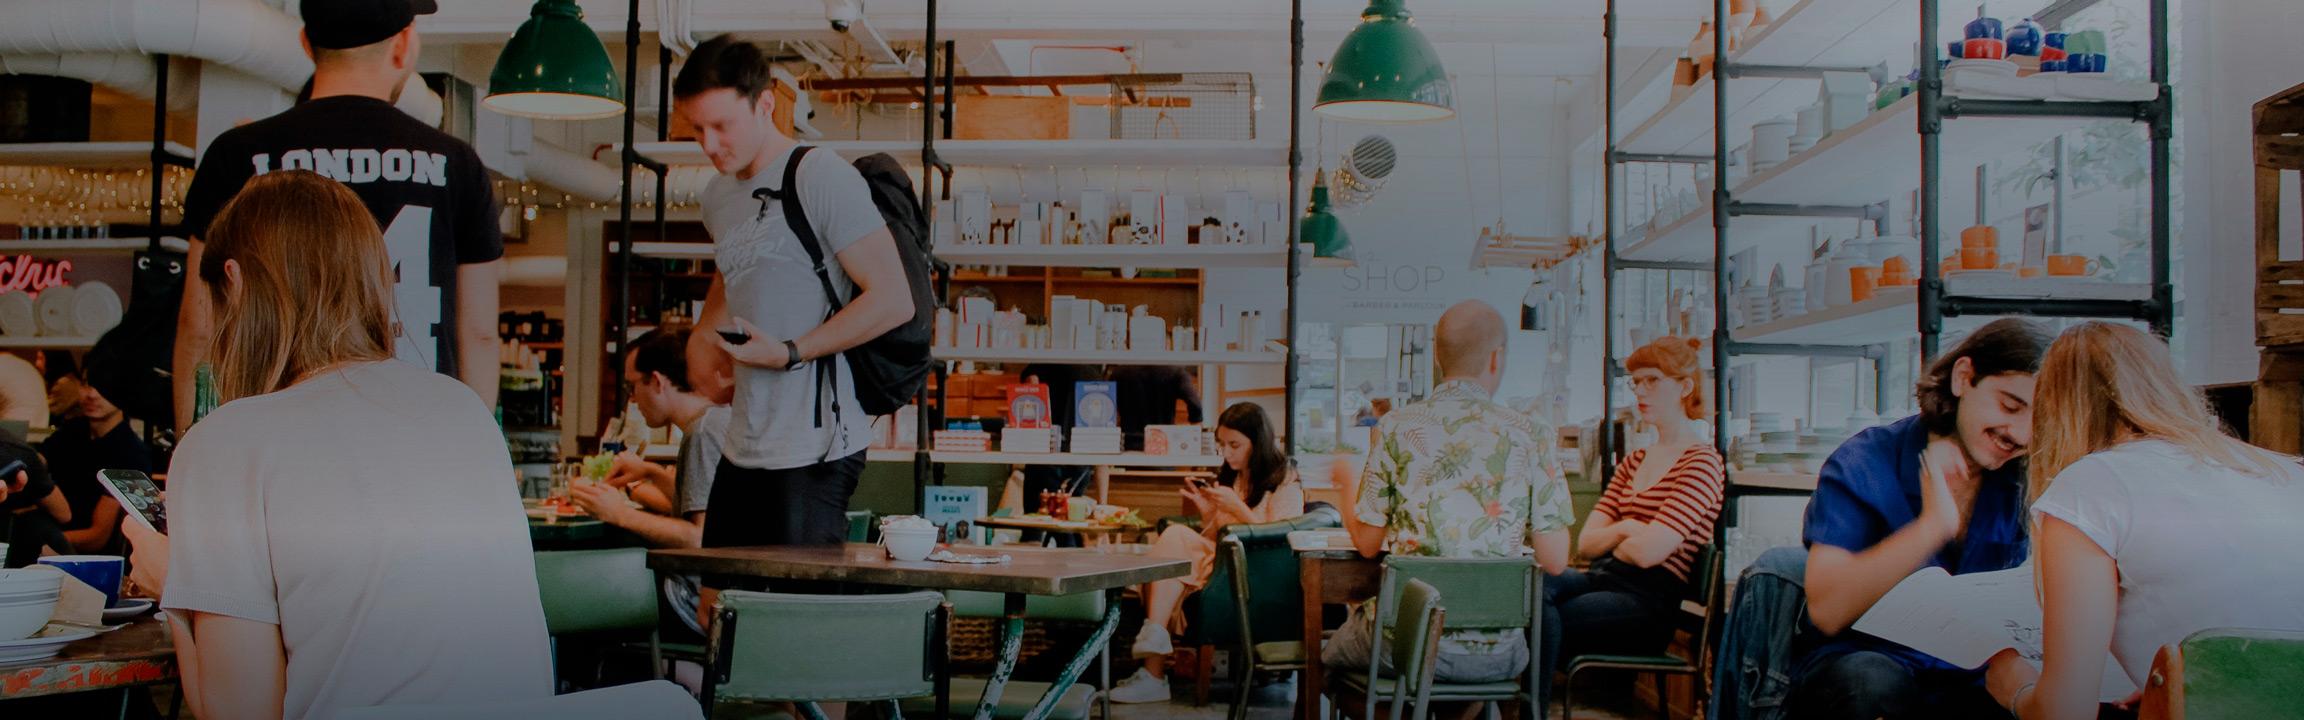 usa billig försäljning billigt pris Storbritannien butik Företagskredit - ett enklare företagslån | Svea Ekonomi